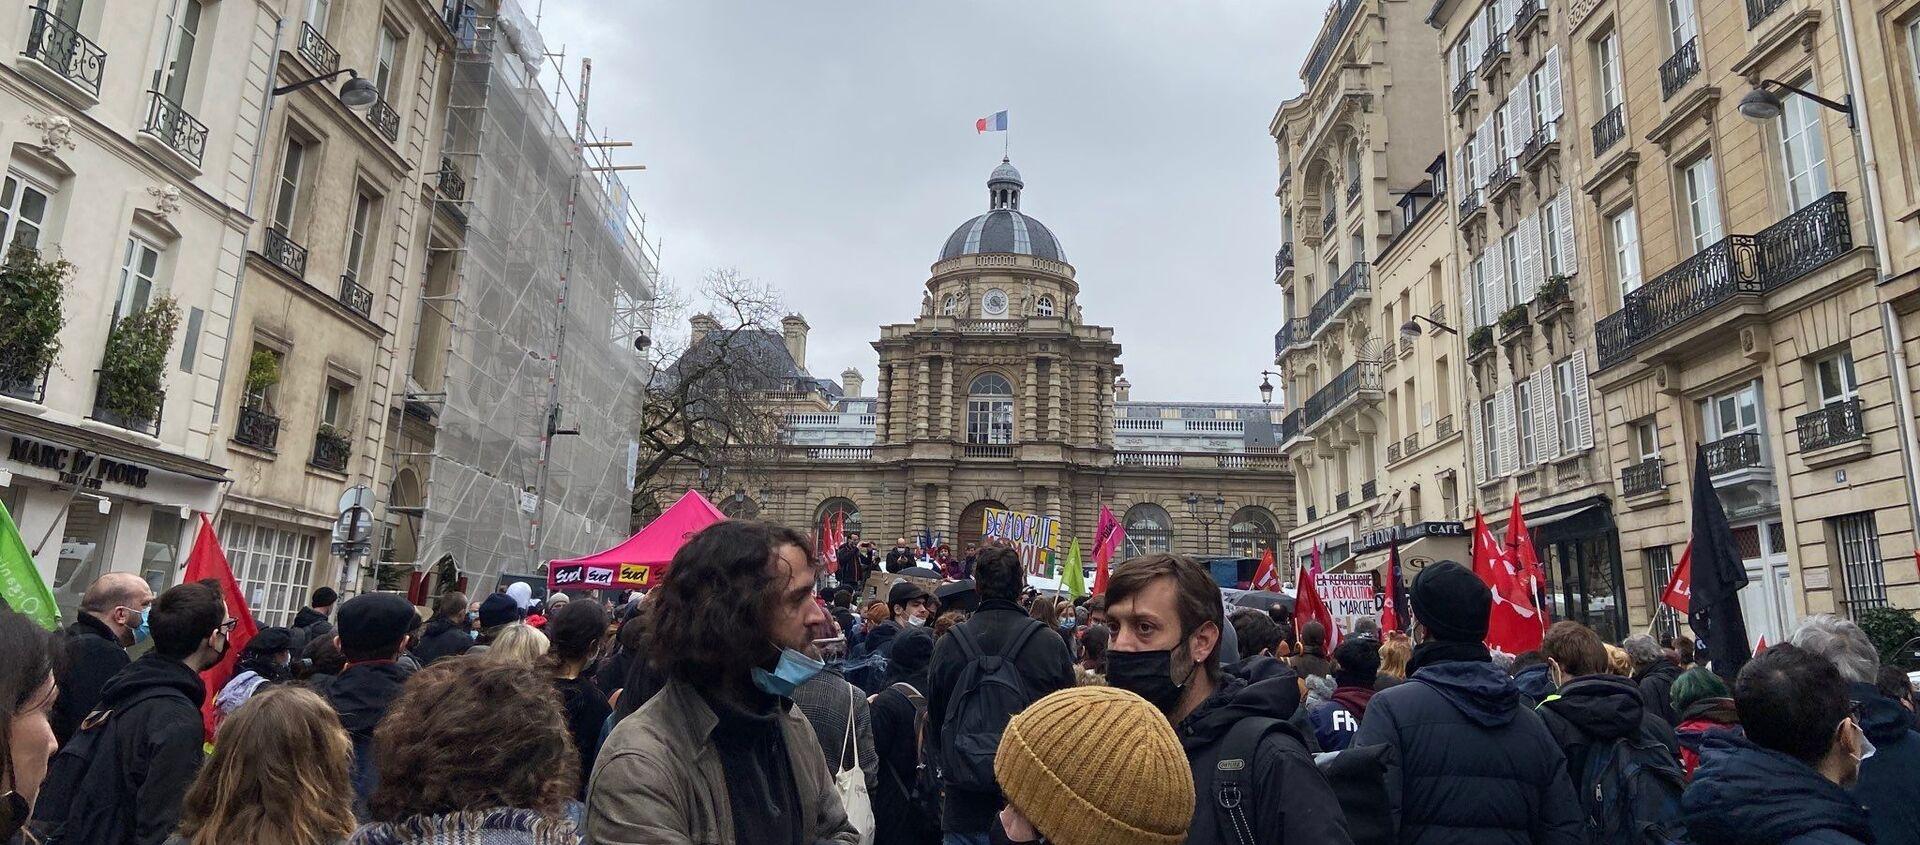 Un rassemblement contre la loi Sécurité globale se tient devant le Sénat à Paris, le 16 mars 2021 - Sputnik France, 1920, 16.03.2021